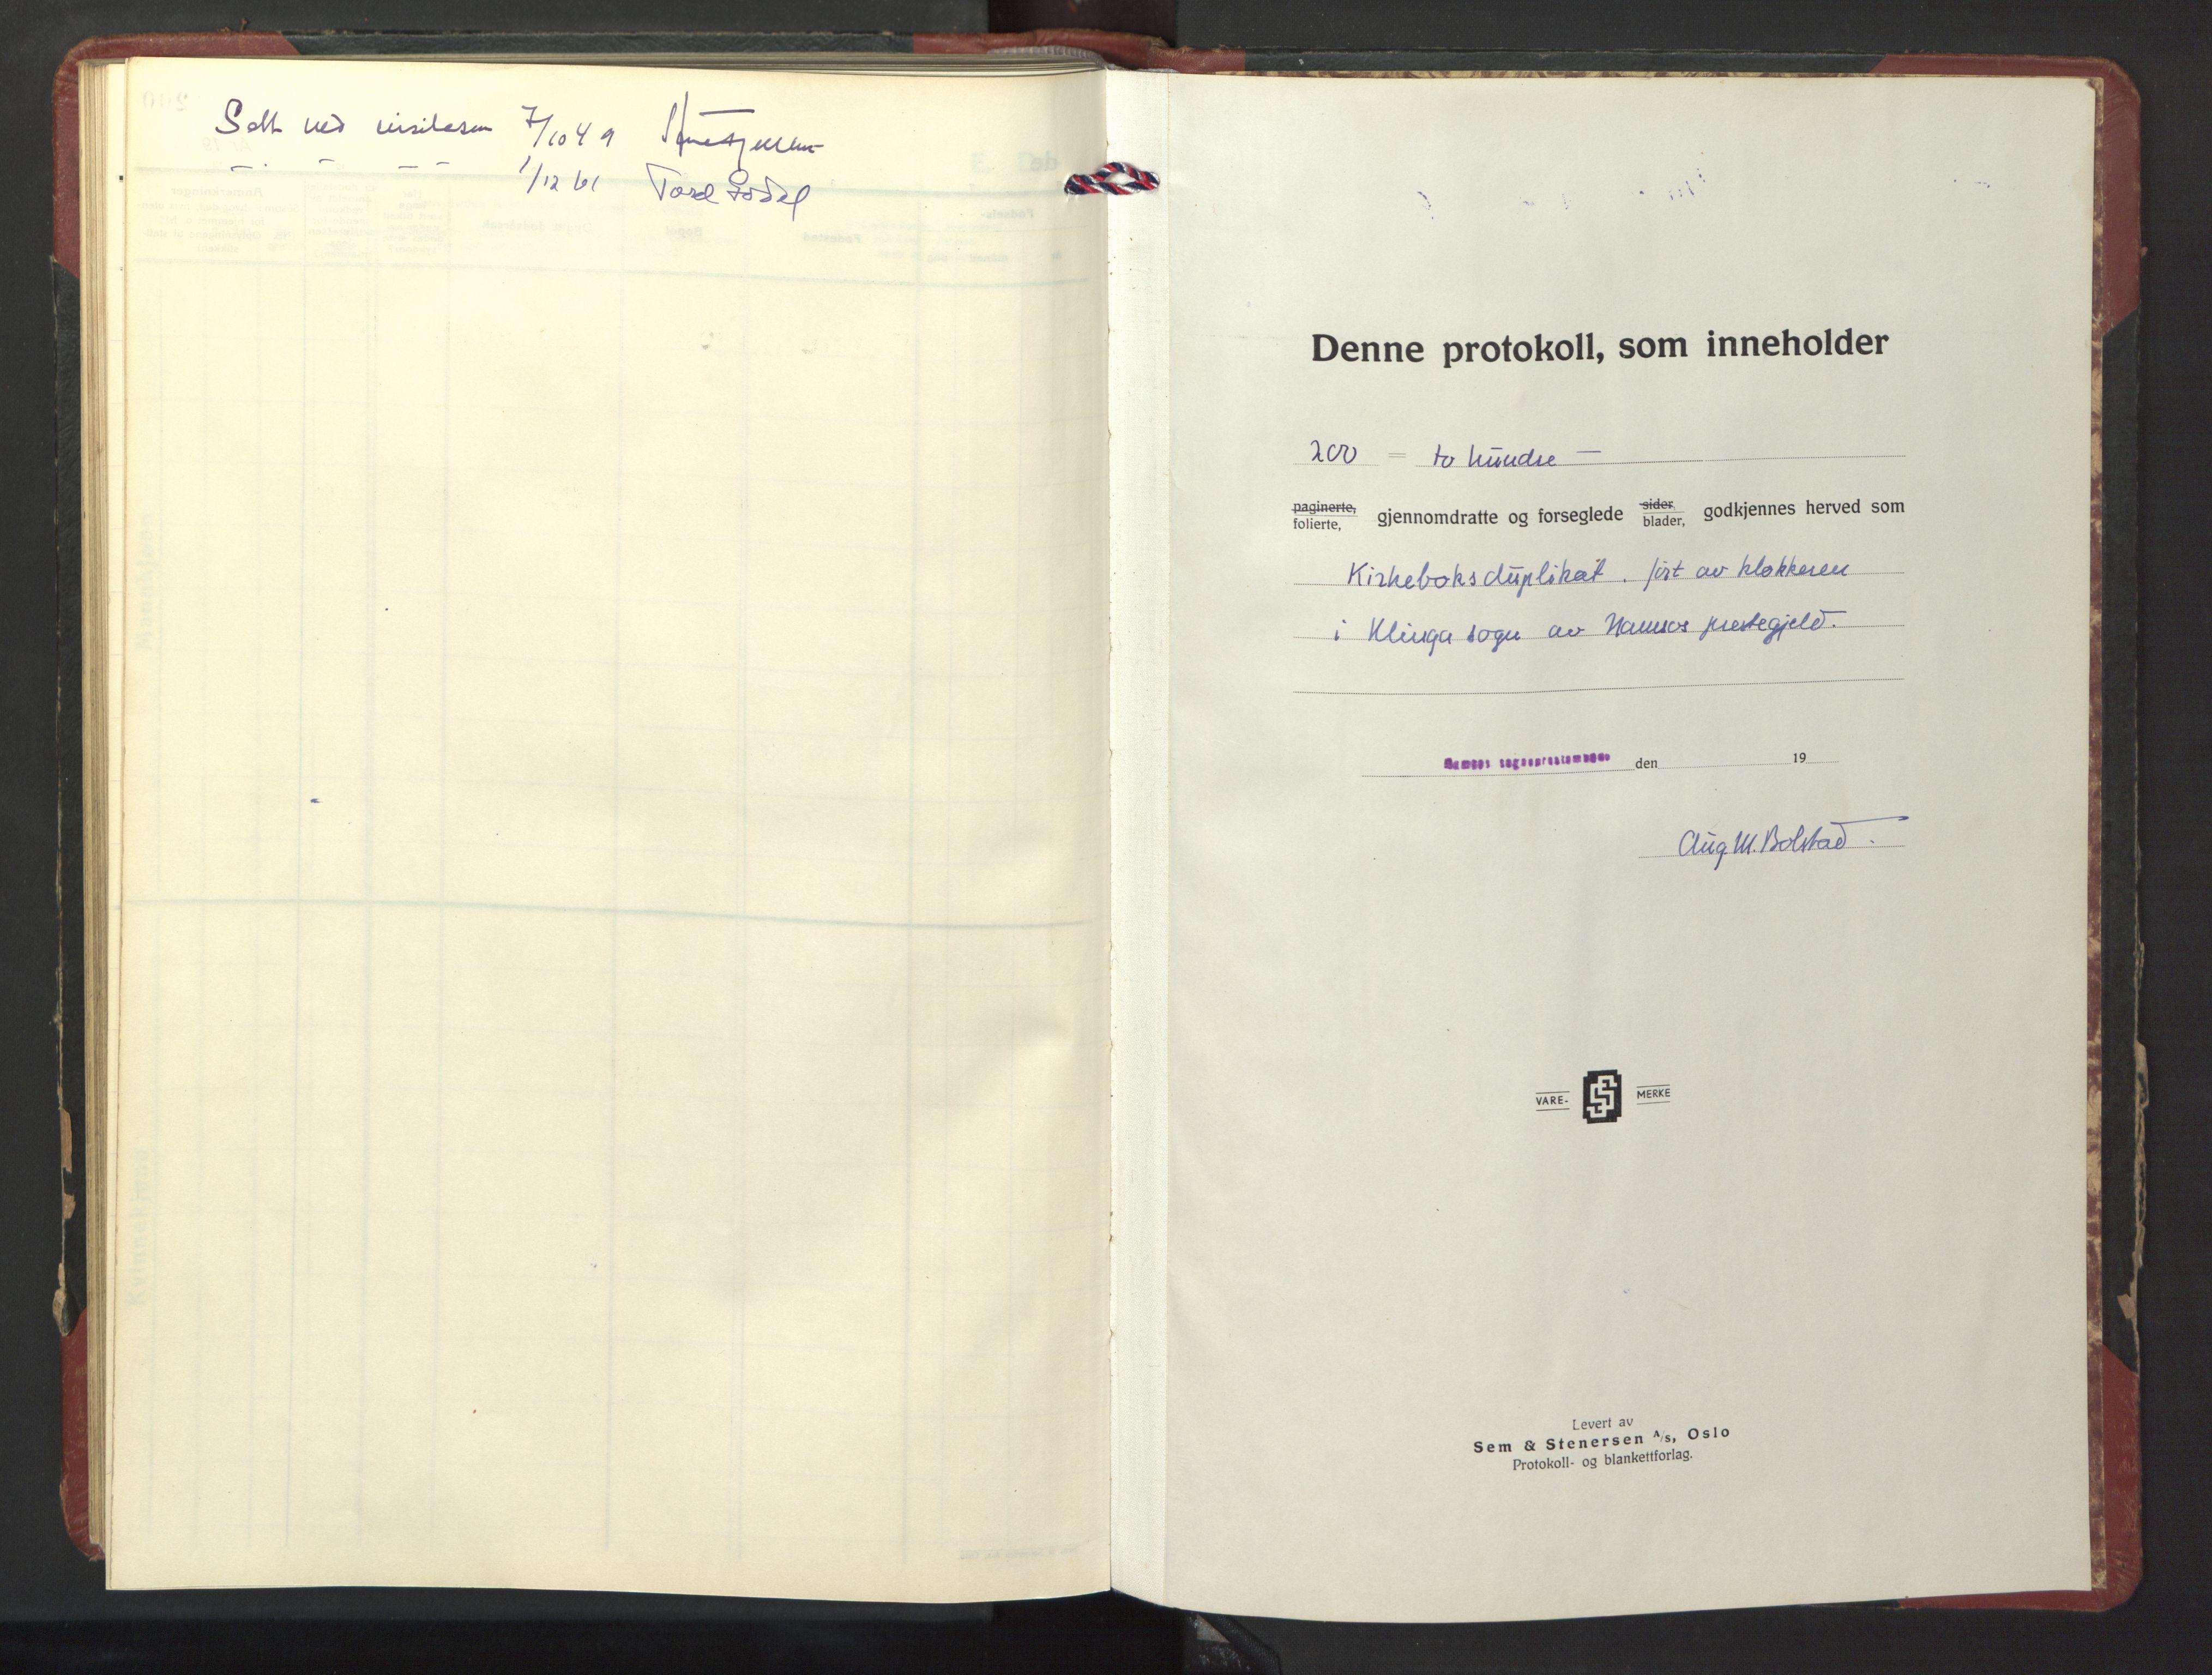 SAT, Ministerialprotokoller, klokkerbøker og fødselsregistre - Nord-Trøndelag, 770/L0592: Klokkerbok nr. 770C03, 1941-1950